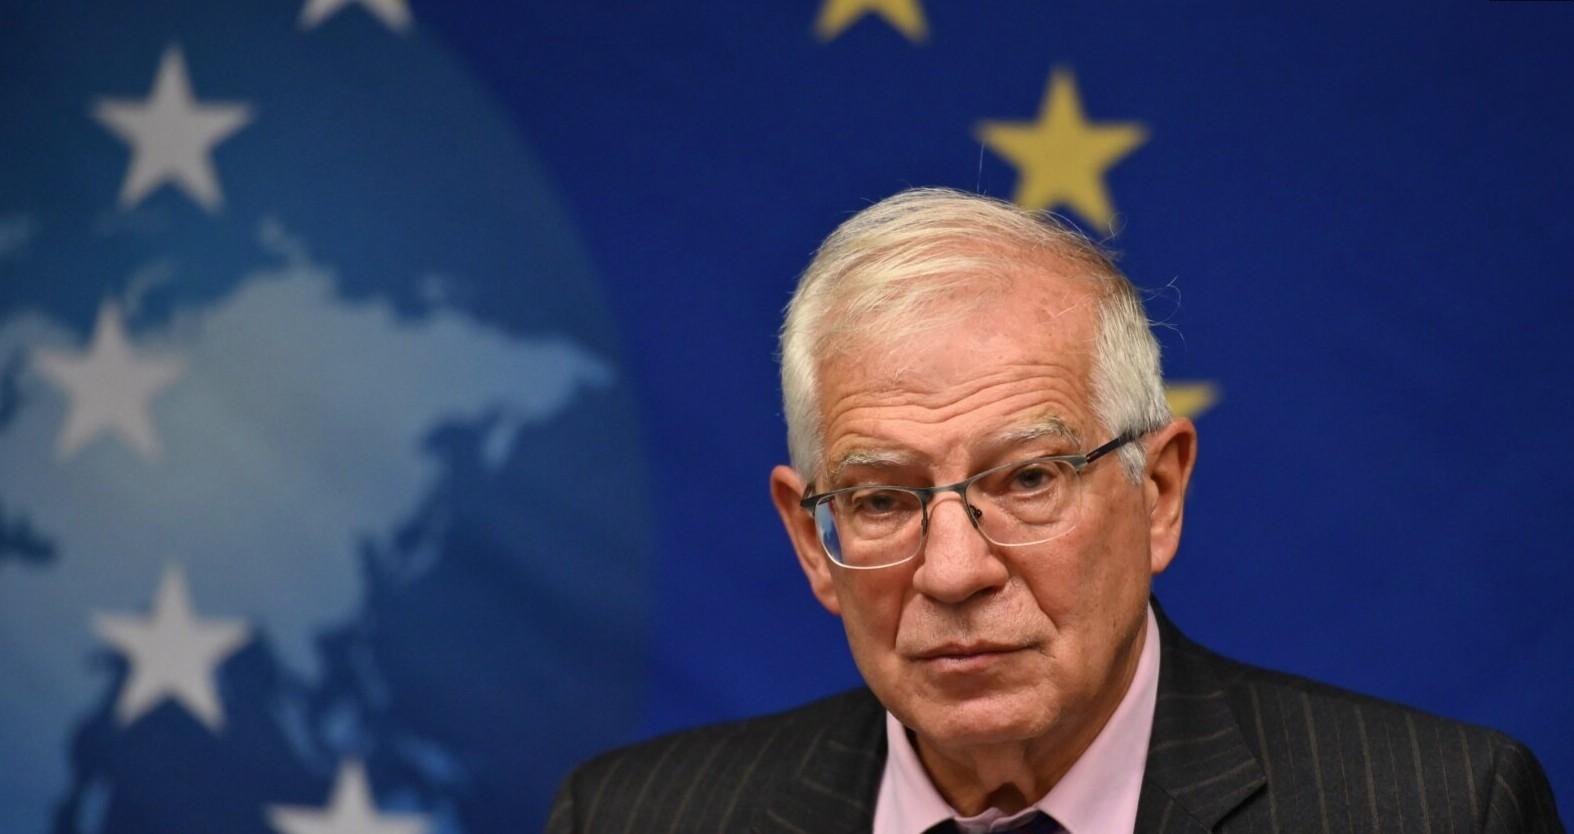 Borrell: Të ulen menjëherë tensionet në veri, dhe të respektohen plotësisht obligimet e dala nga dialogu